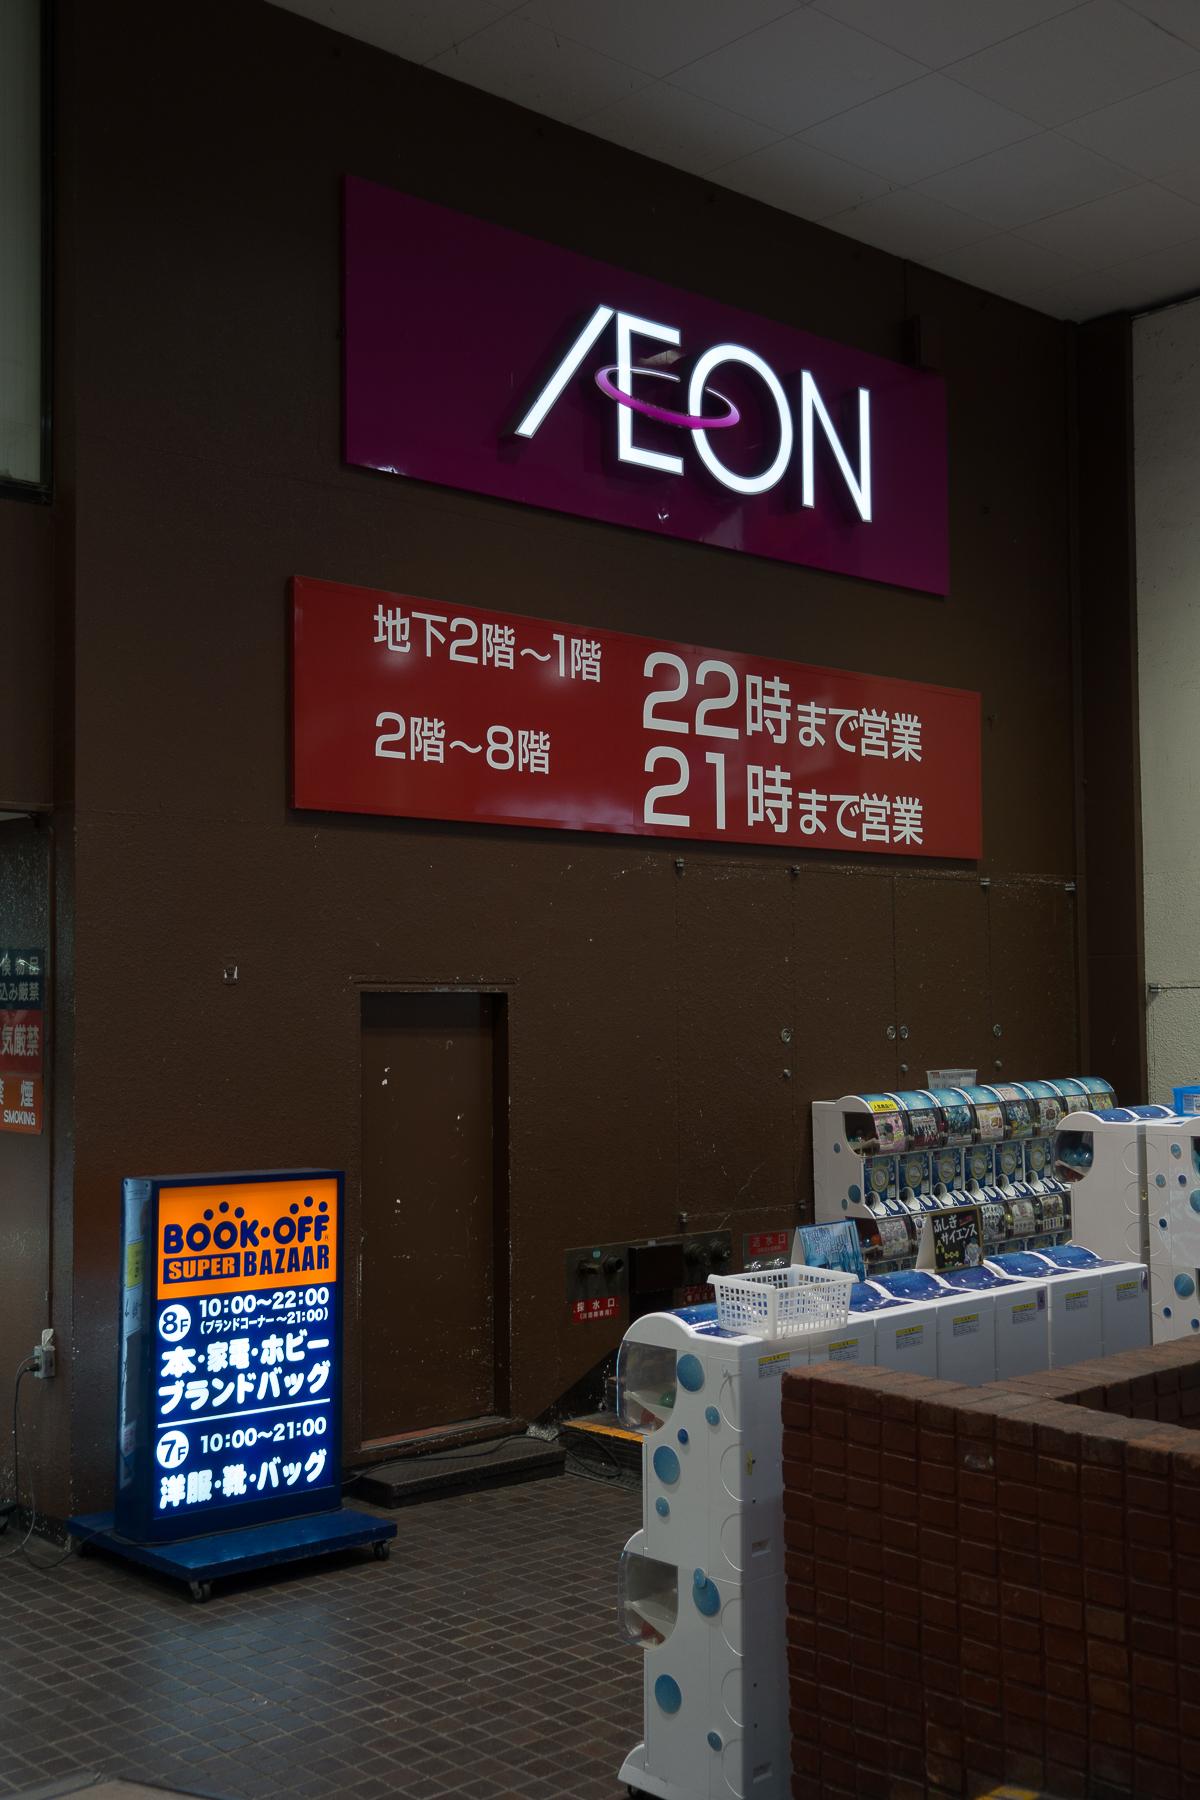 Bookoff at Aeon